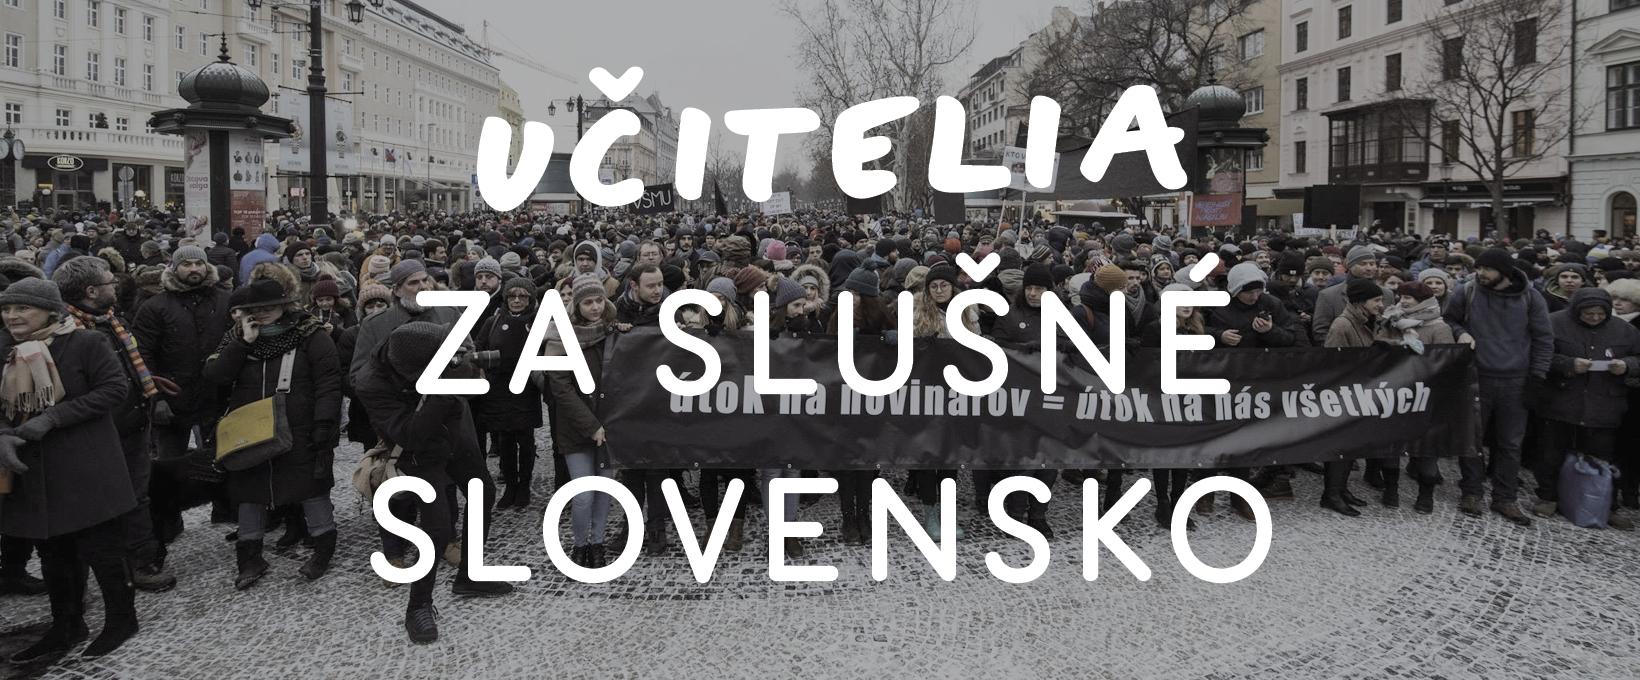 Vyhlásenie Asociácie: Sme Za slušné Slovensko